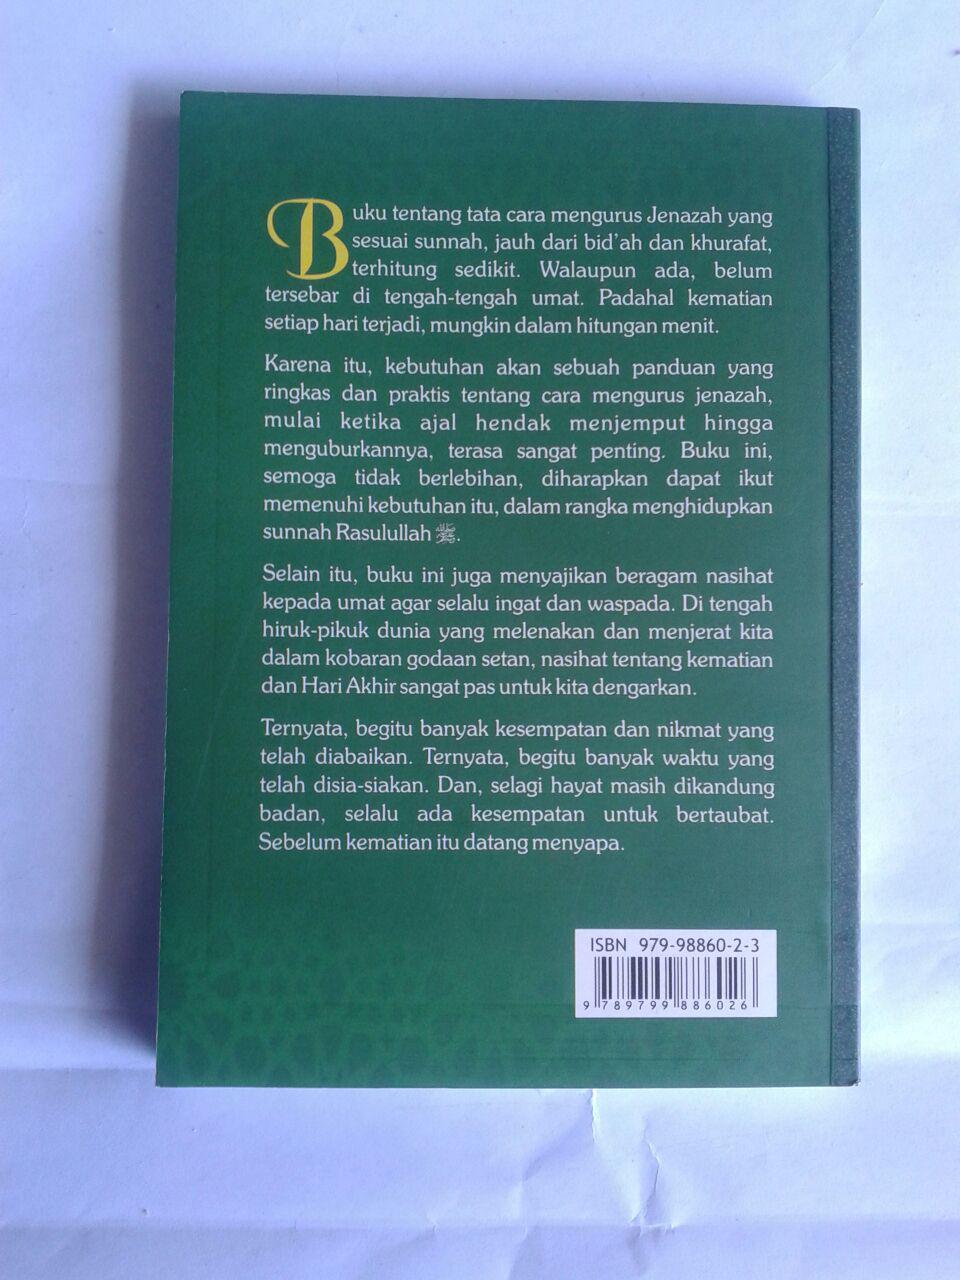 Buku Cara Mudah Mengurus Jenazah Plus Gambar Petunjuk cover 2